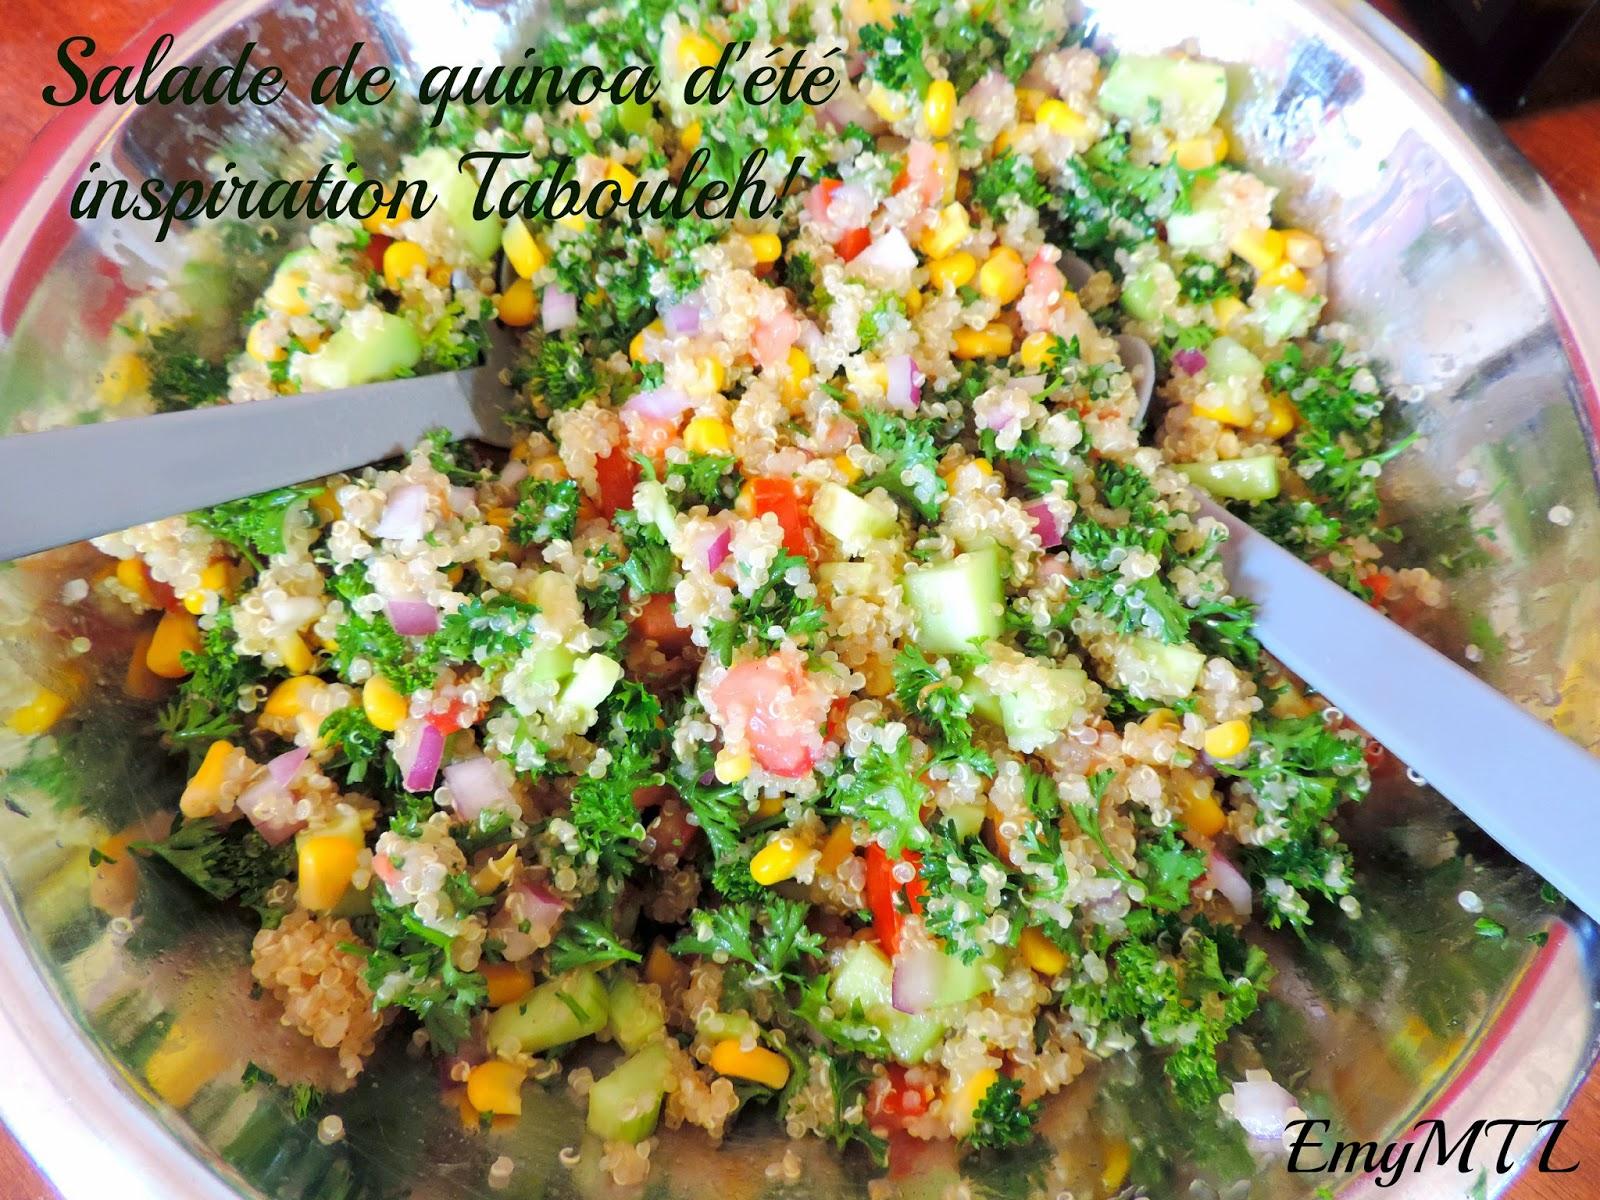 recette de salade de quinoa d 39 t inspiration tabouleh la petite pagaille. Black Bedroom Furniture Sets. Home Design Ideas